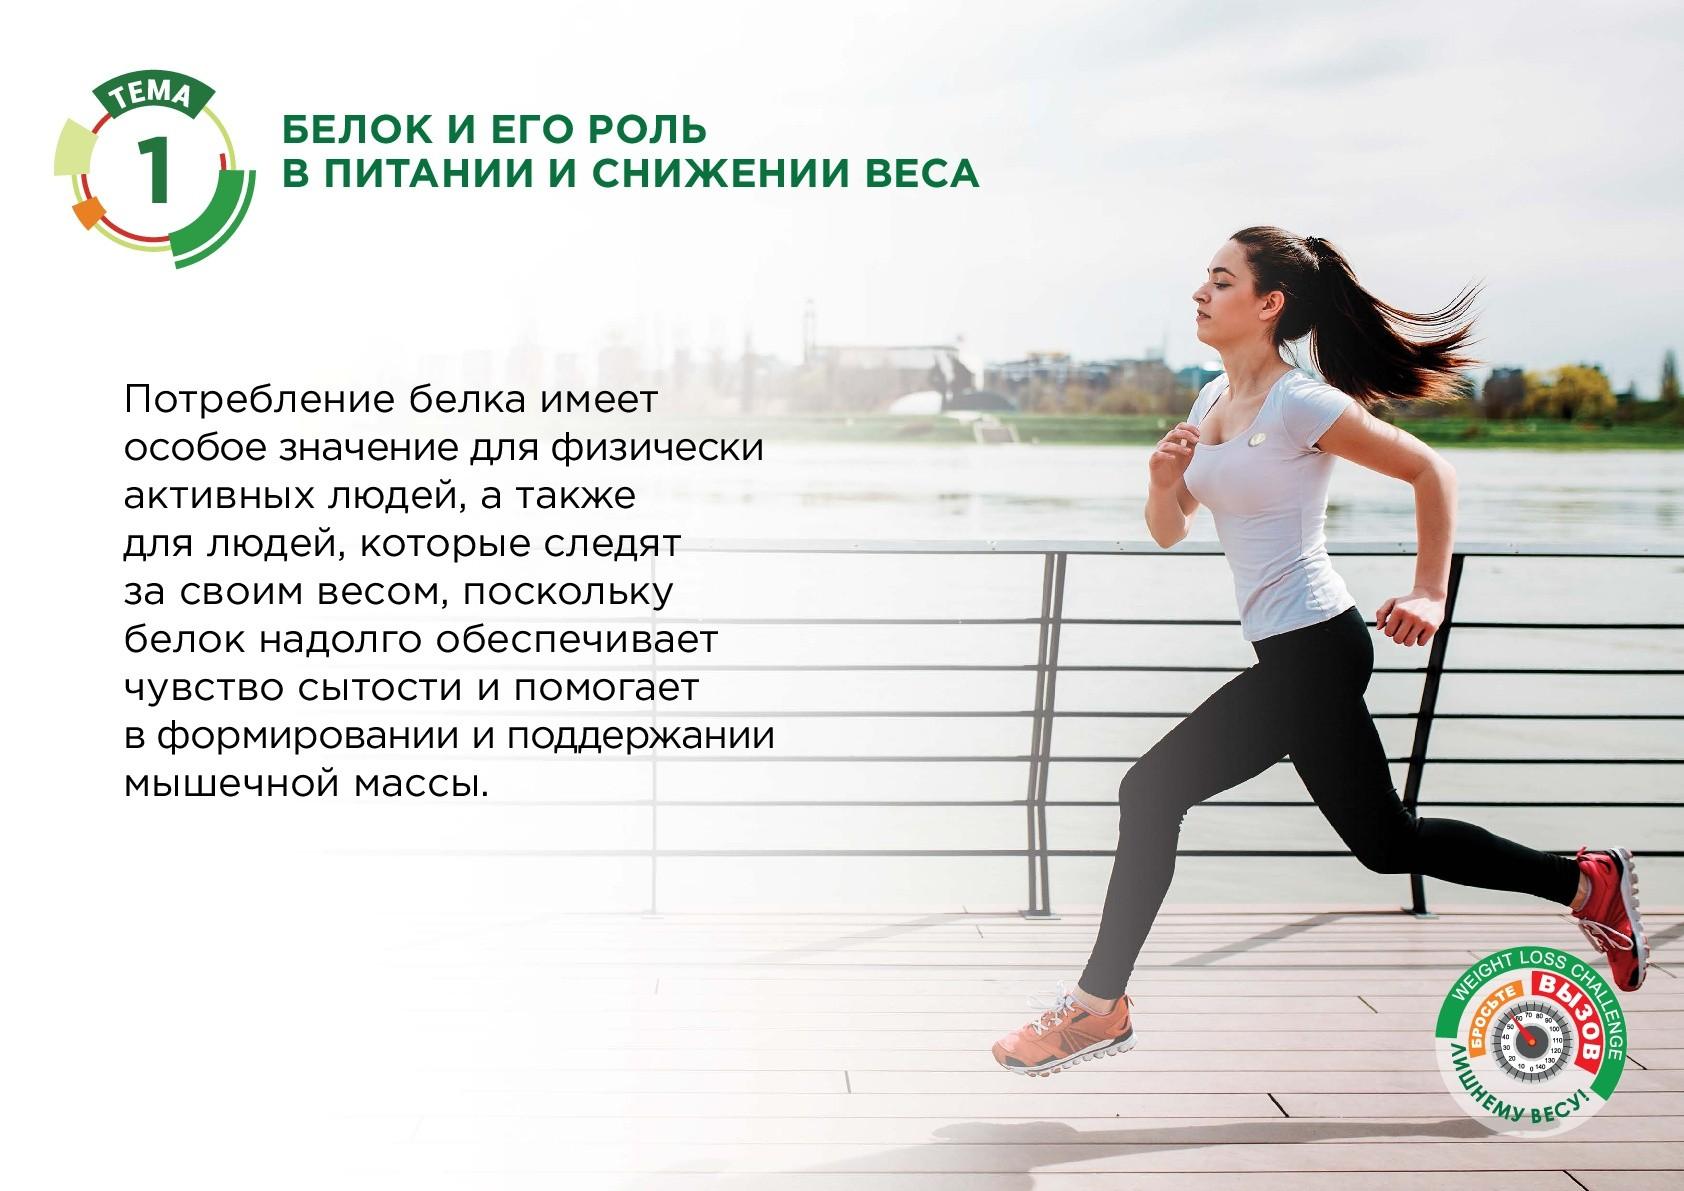 Потребление белка имеет особое значение для физически активных людей